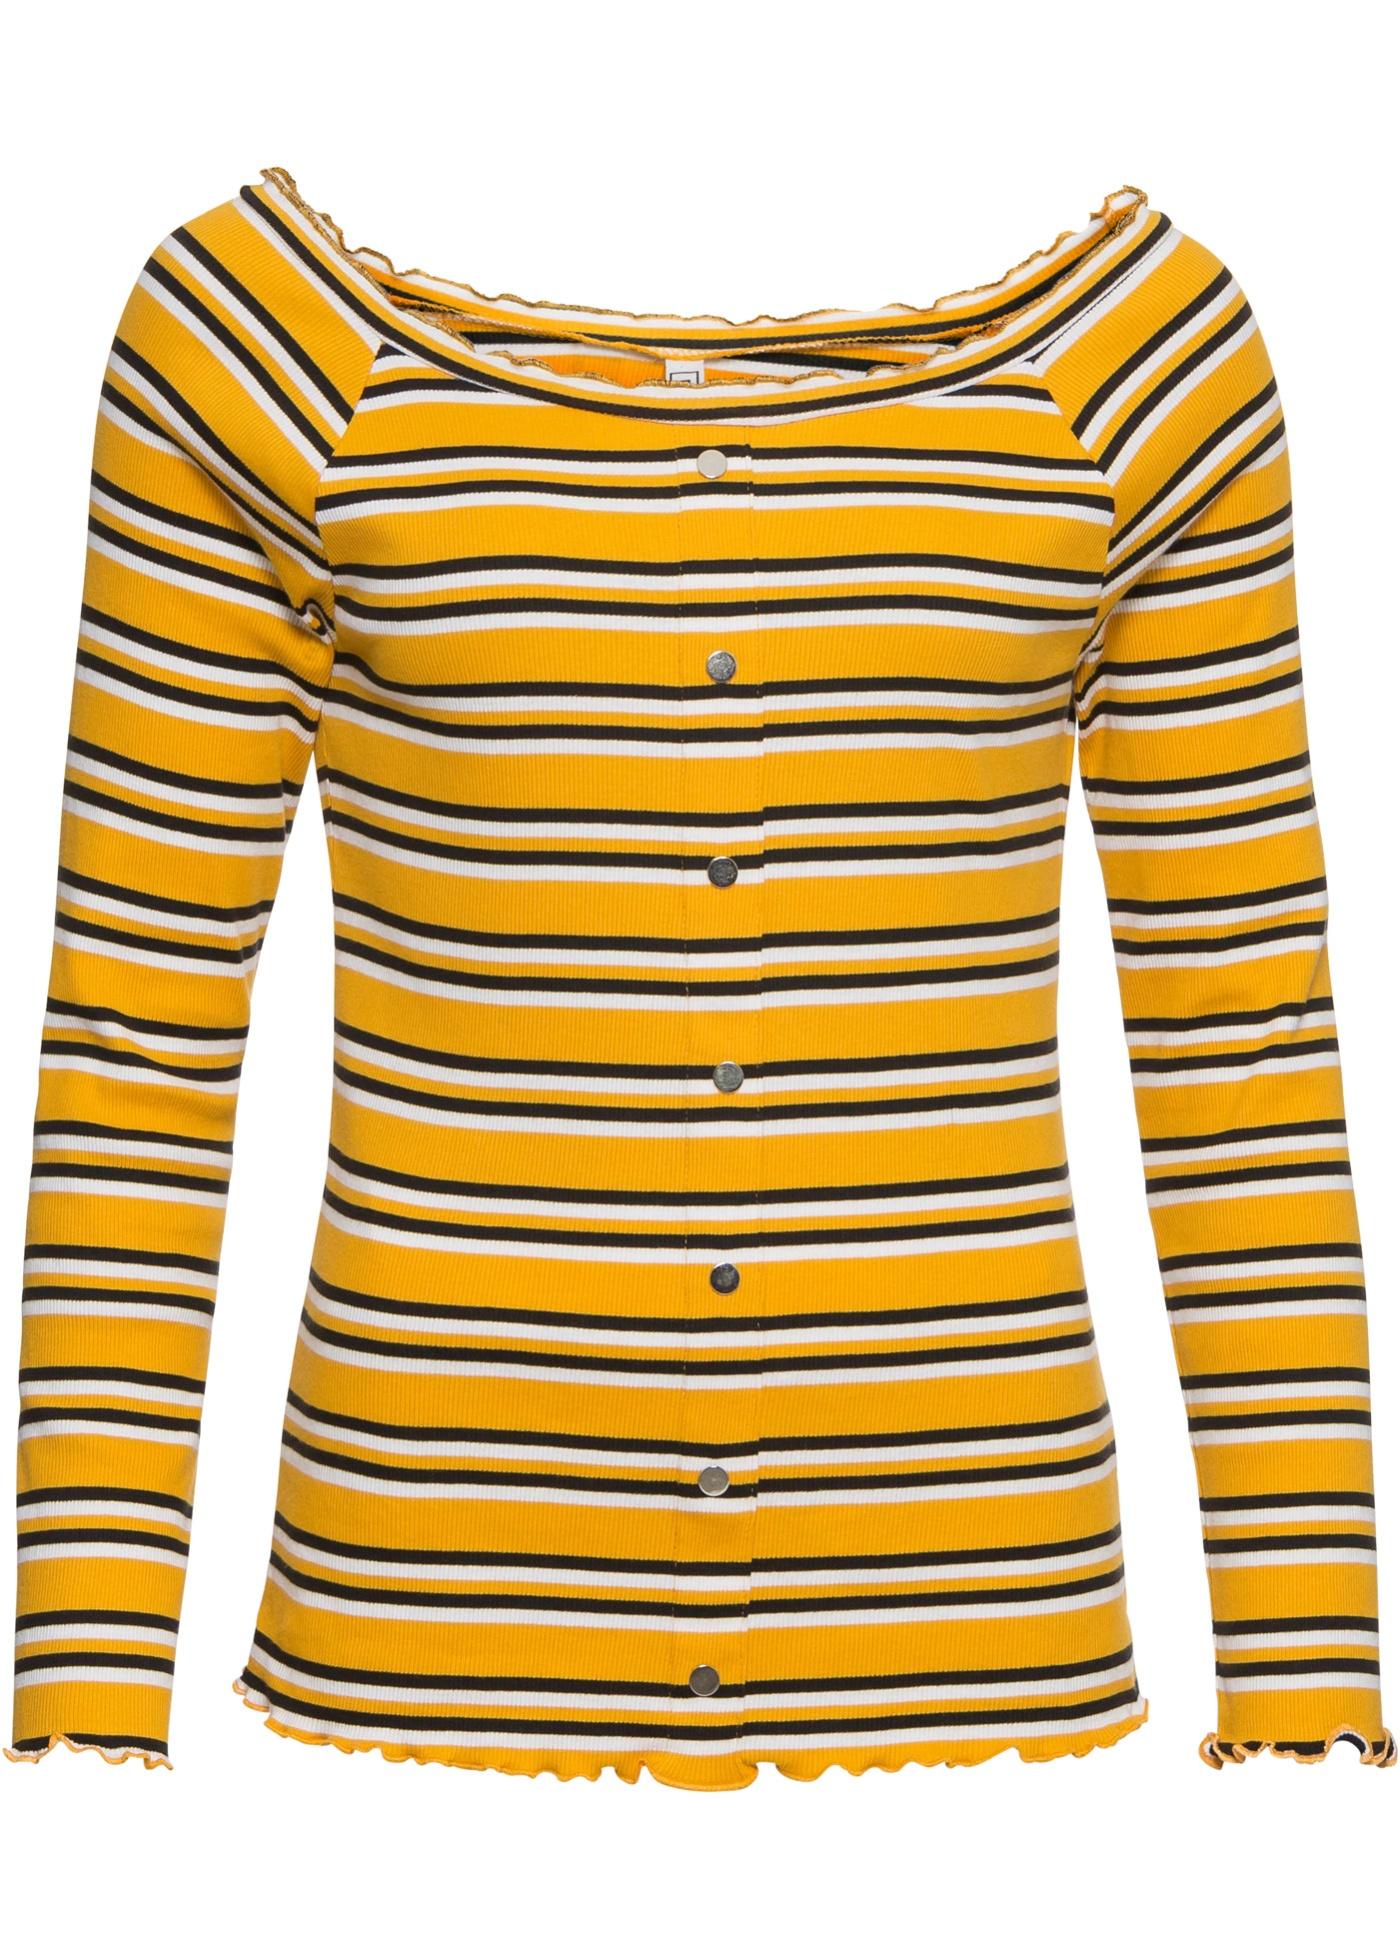 BonprixT Pour À Manches Rayures Rainbow Jaune shirt Longues Femme cj3AR5L4q